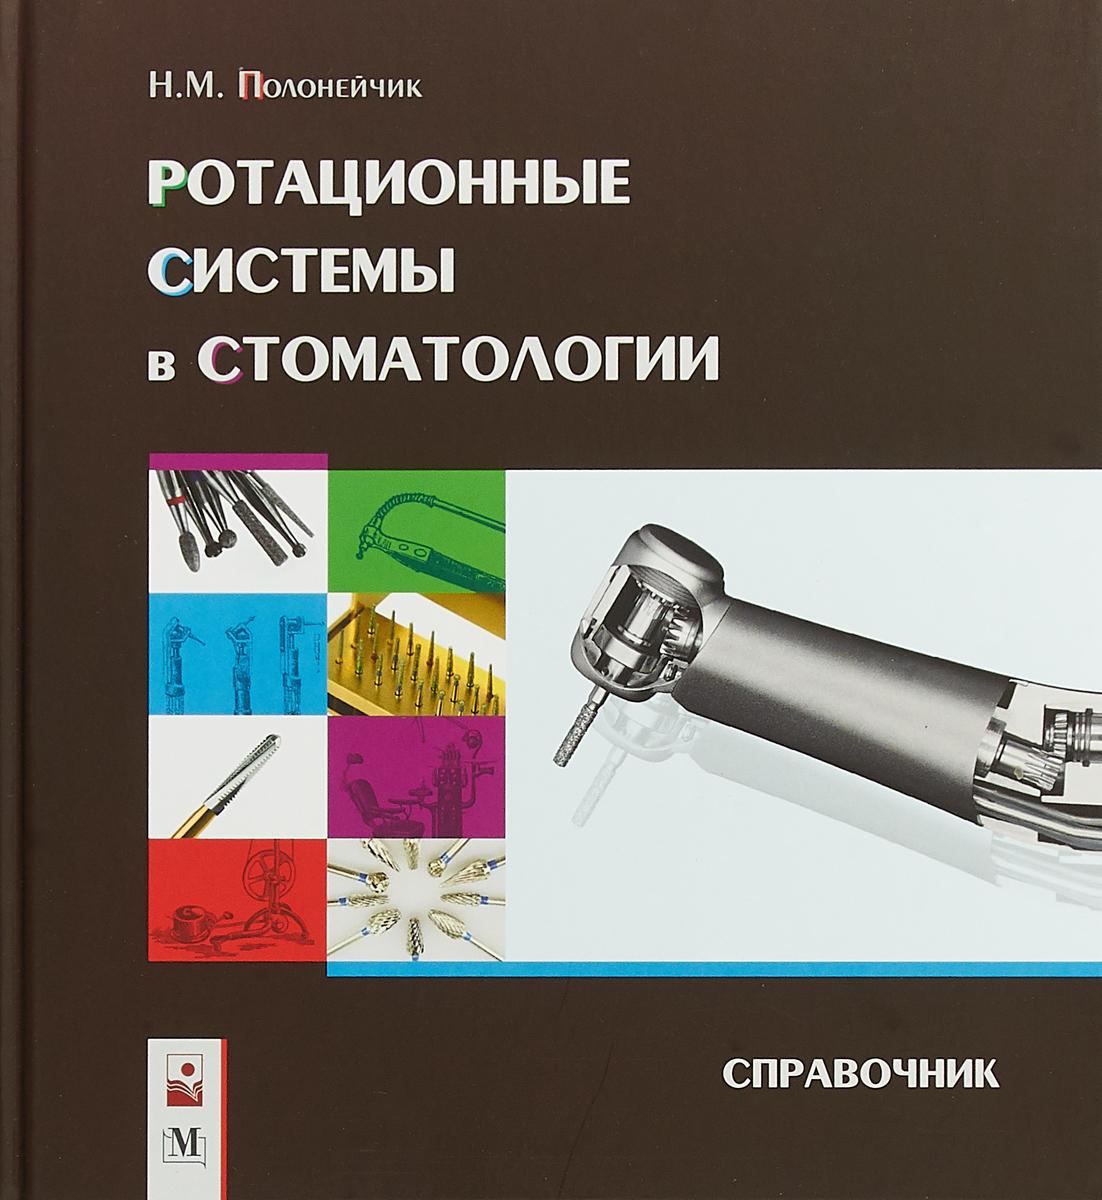 Н. М. Полонейчик Справочник. Ротационные системы в стоматологии